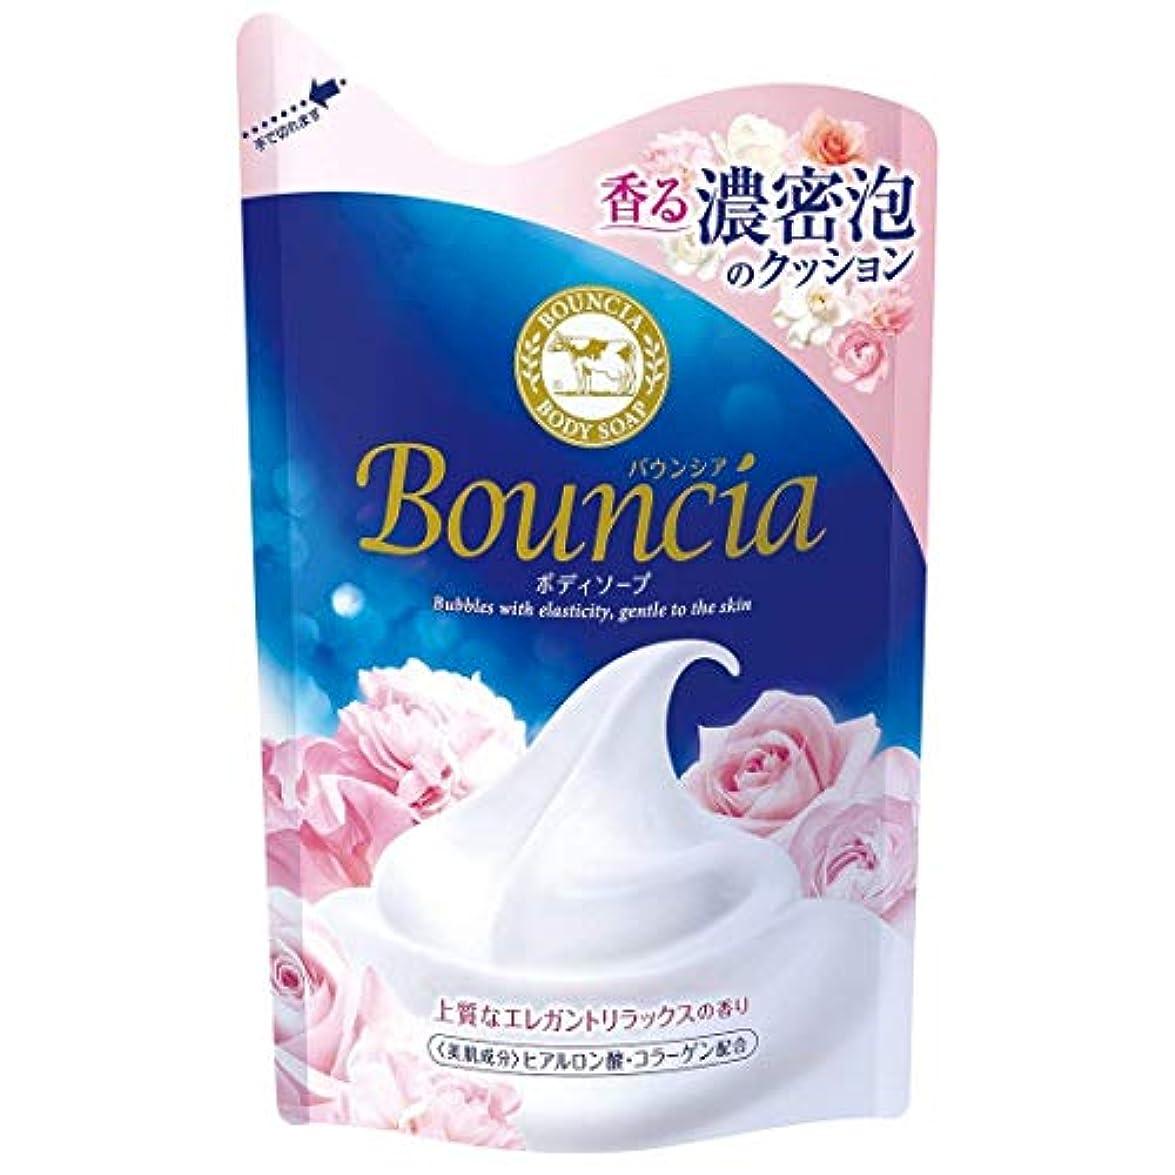 一口調べるマントル【まとめ買い】 バウンシア ボディソープ エレガントリラックスの香り つめかえ用 430ml × 3個